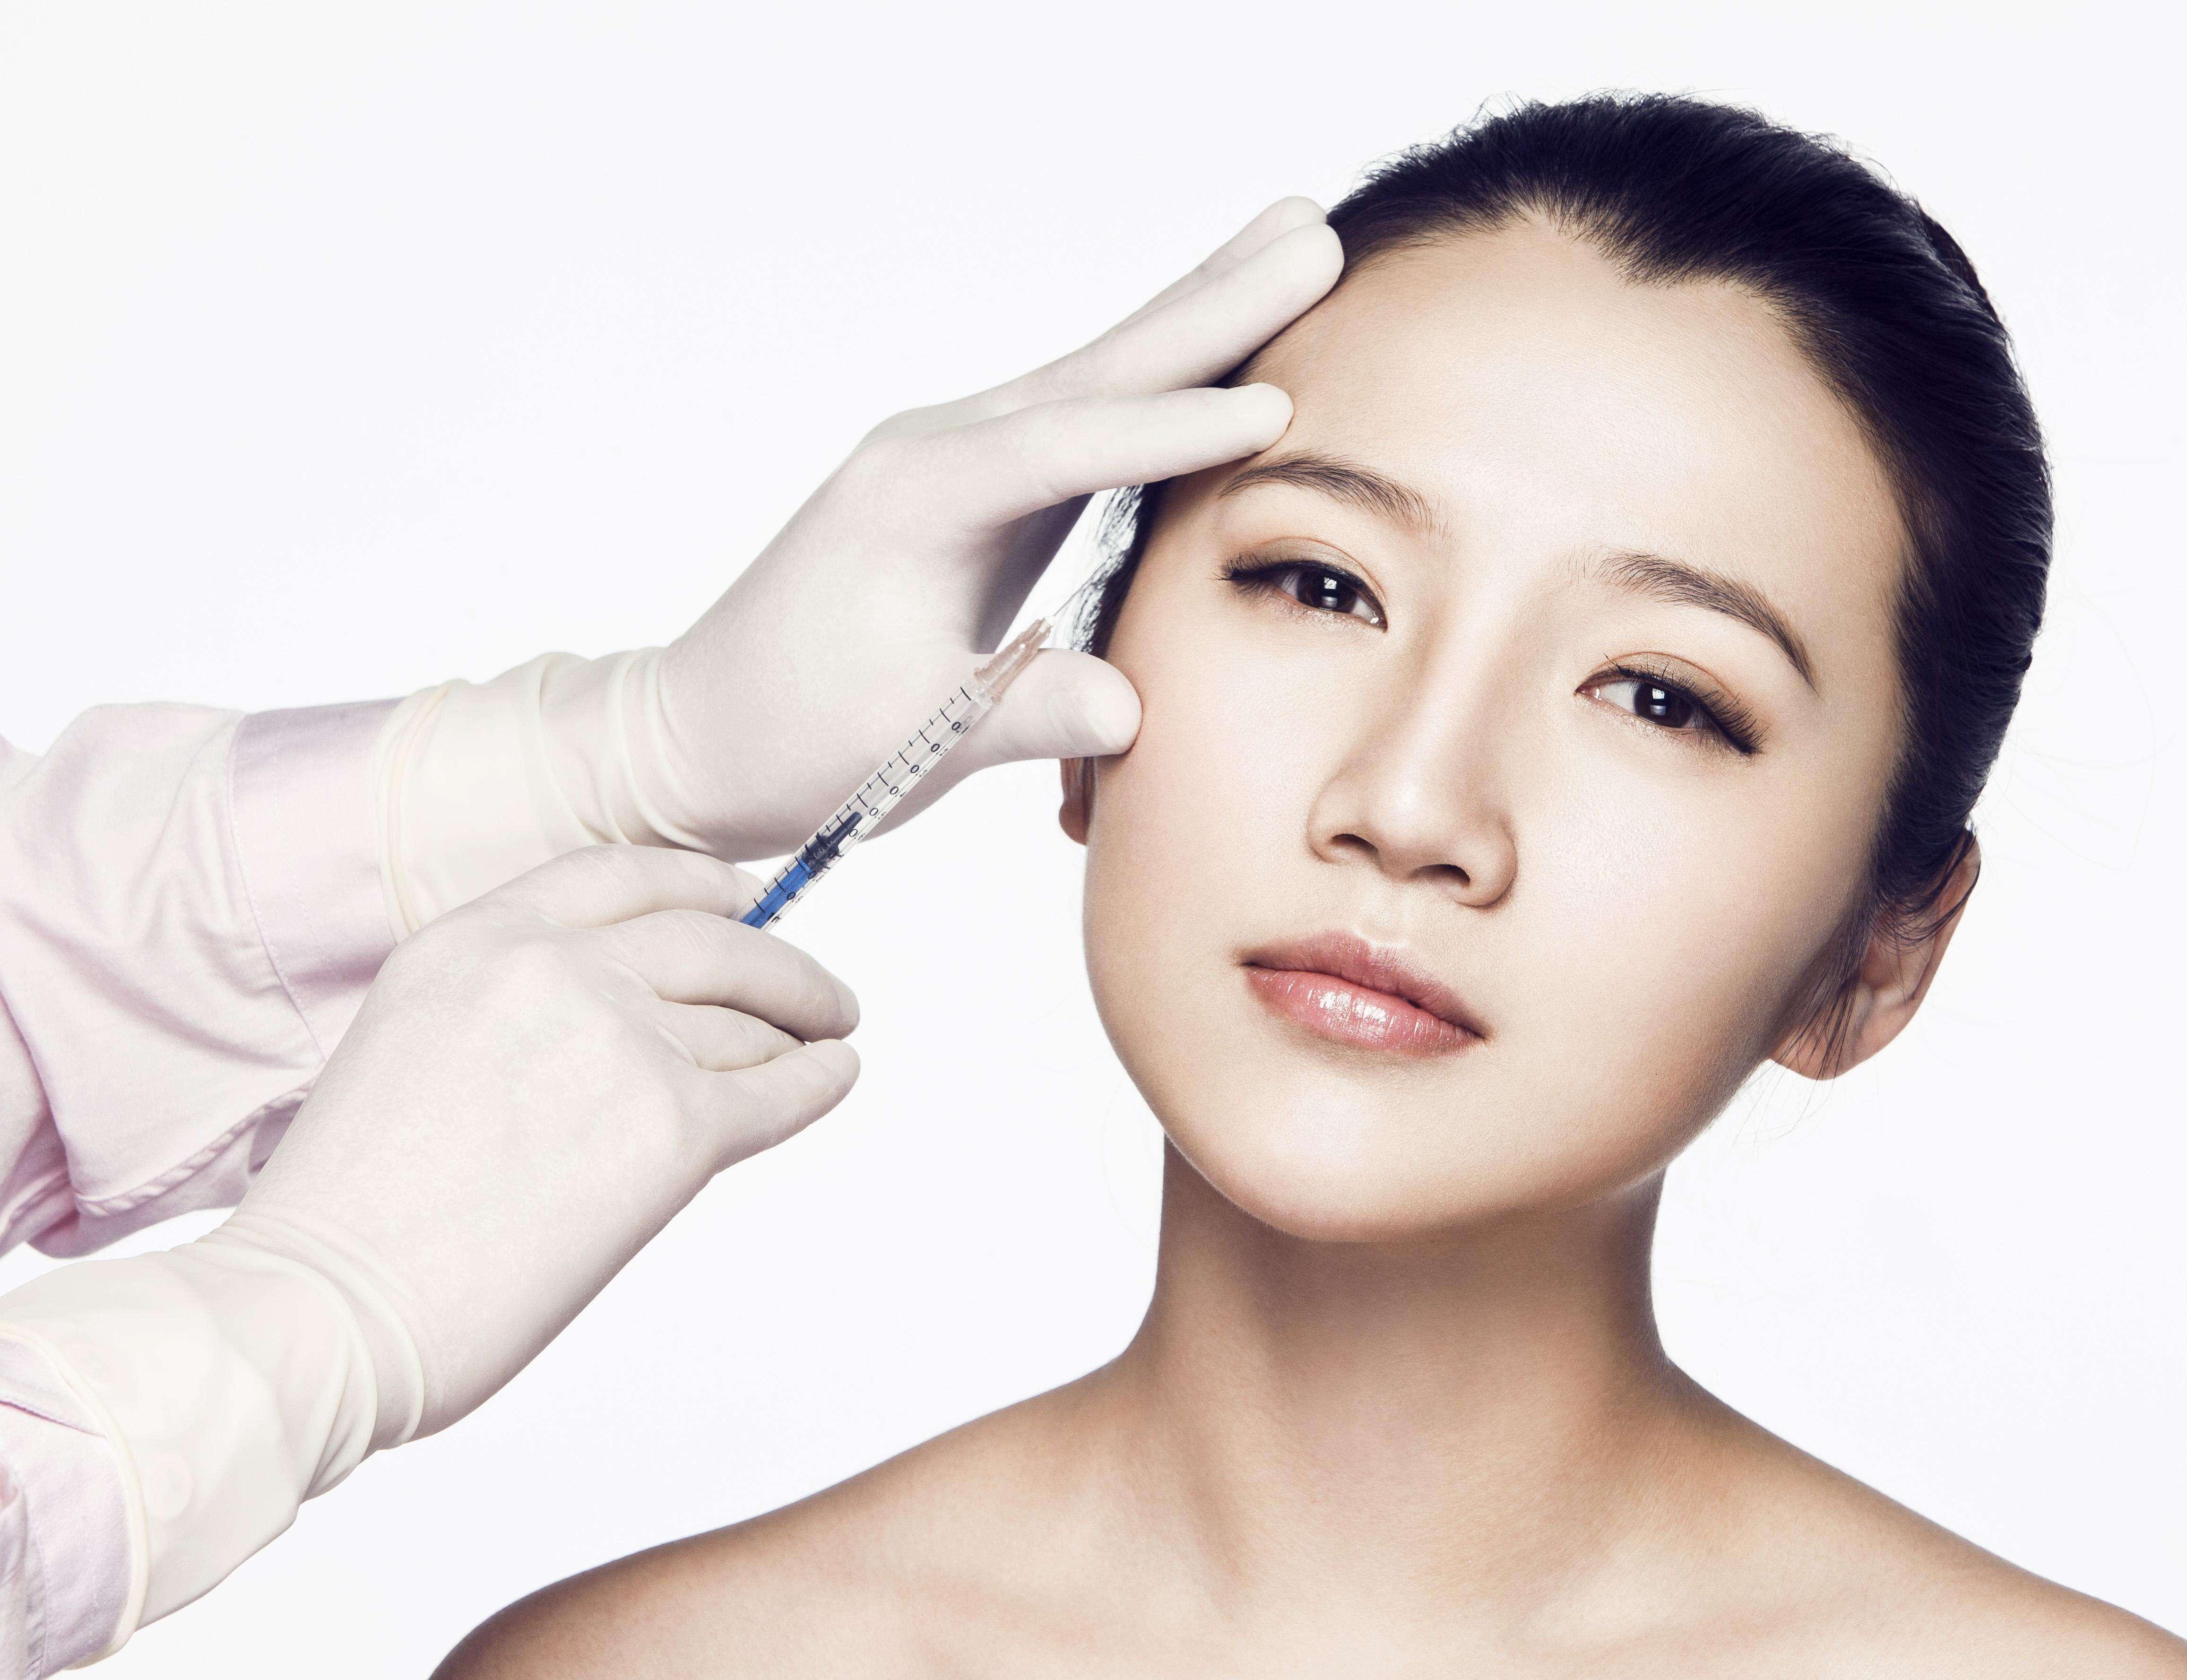 怎样美白皮肤 上海圣爱医院美容科美白针实现你美白梦